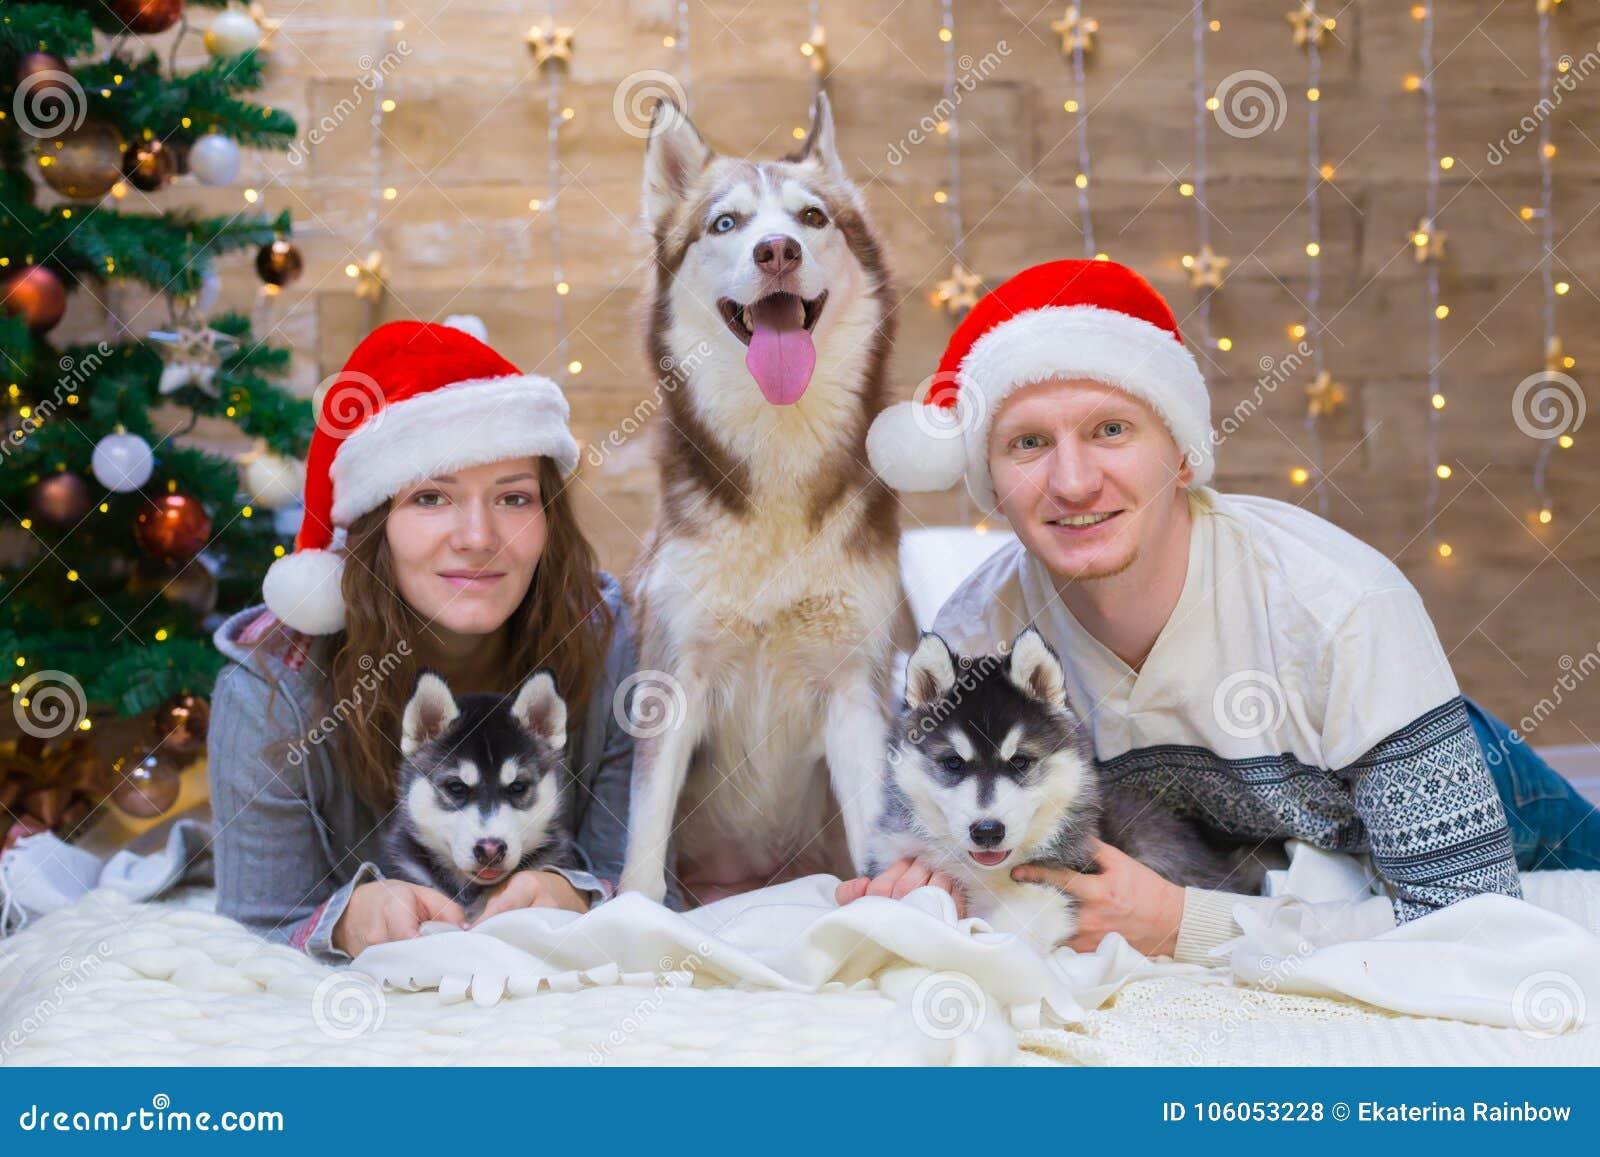 9017b511d0644 ... dog husky